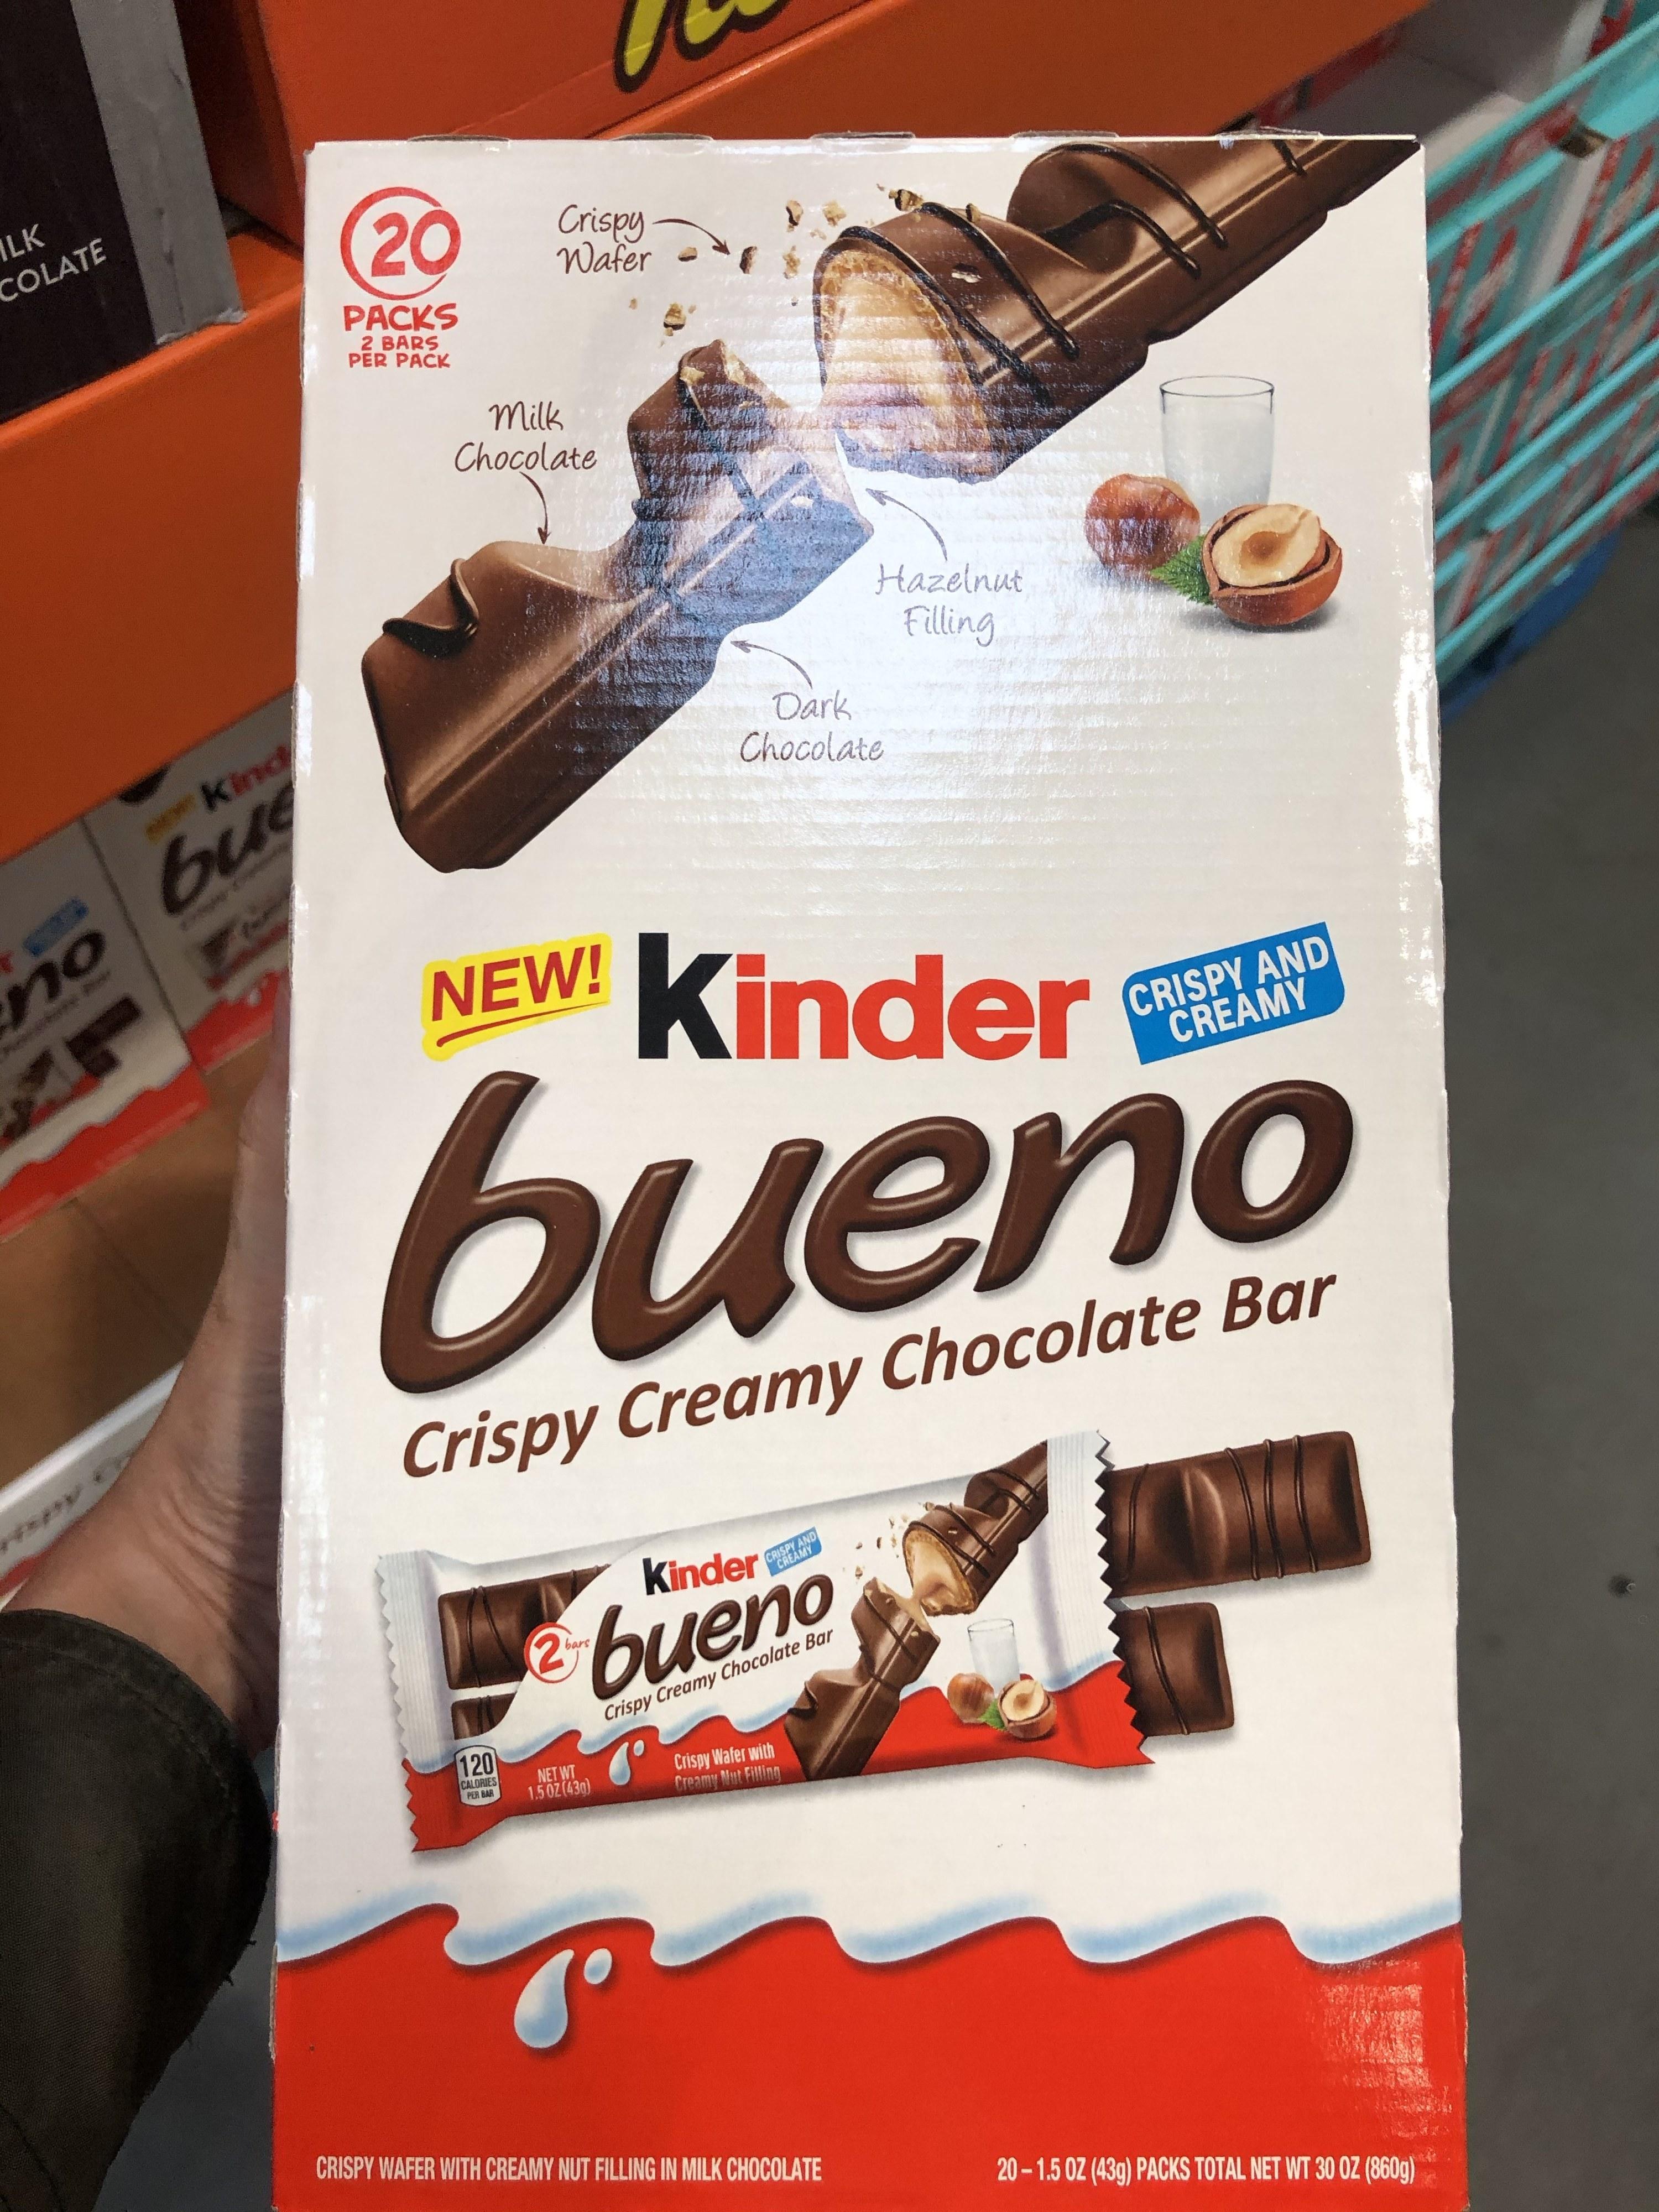 A box of Kinder Bueno bars